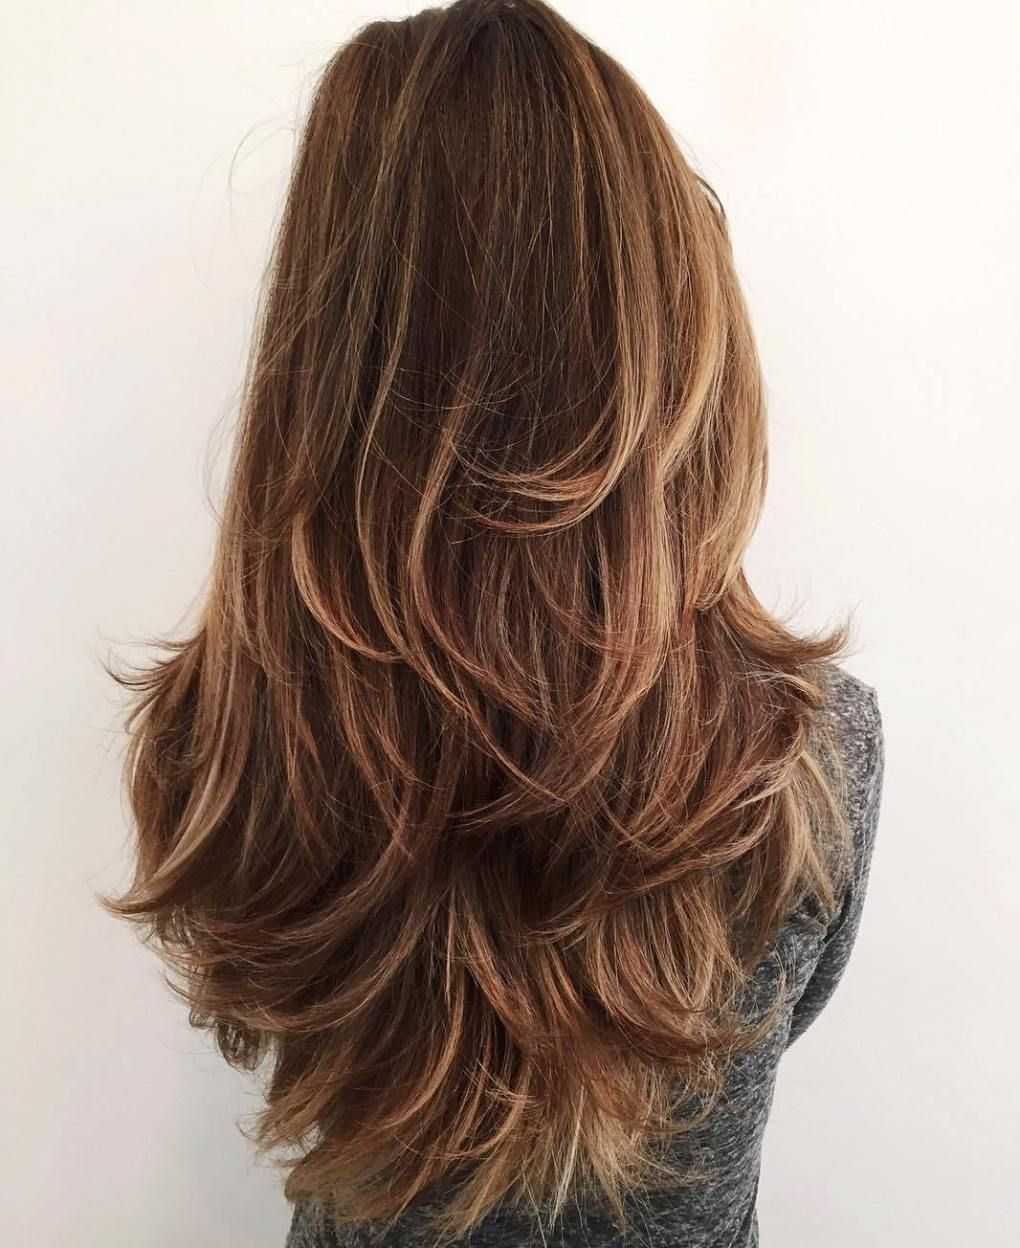 Pin Von Jess Schleijpen Auf Sticker Haarschnitt Lange Haare Frisuren Lange Haare Schnitt Lange Haare